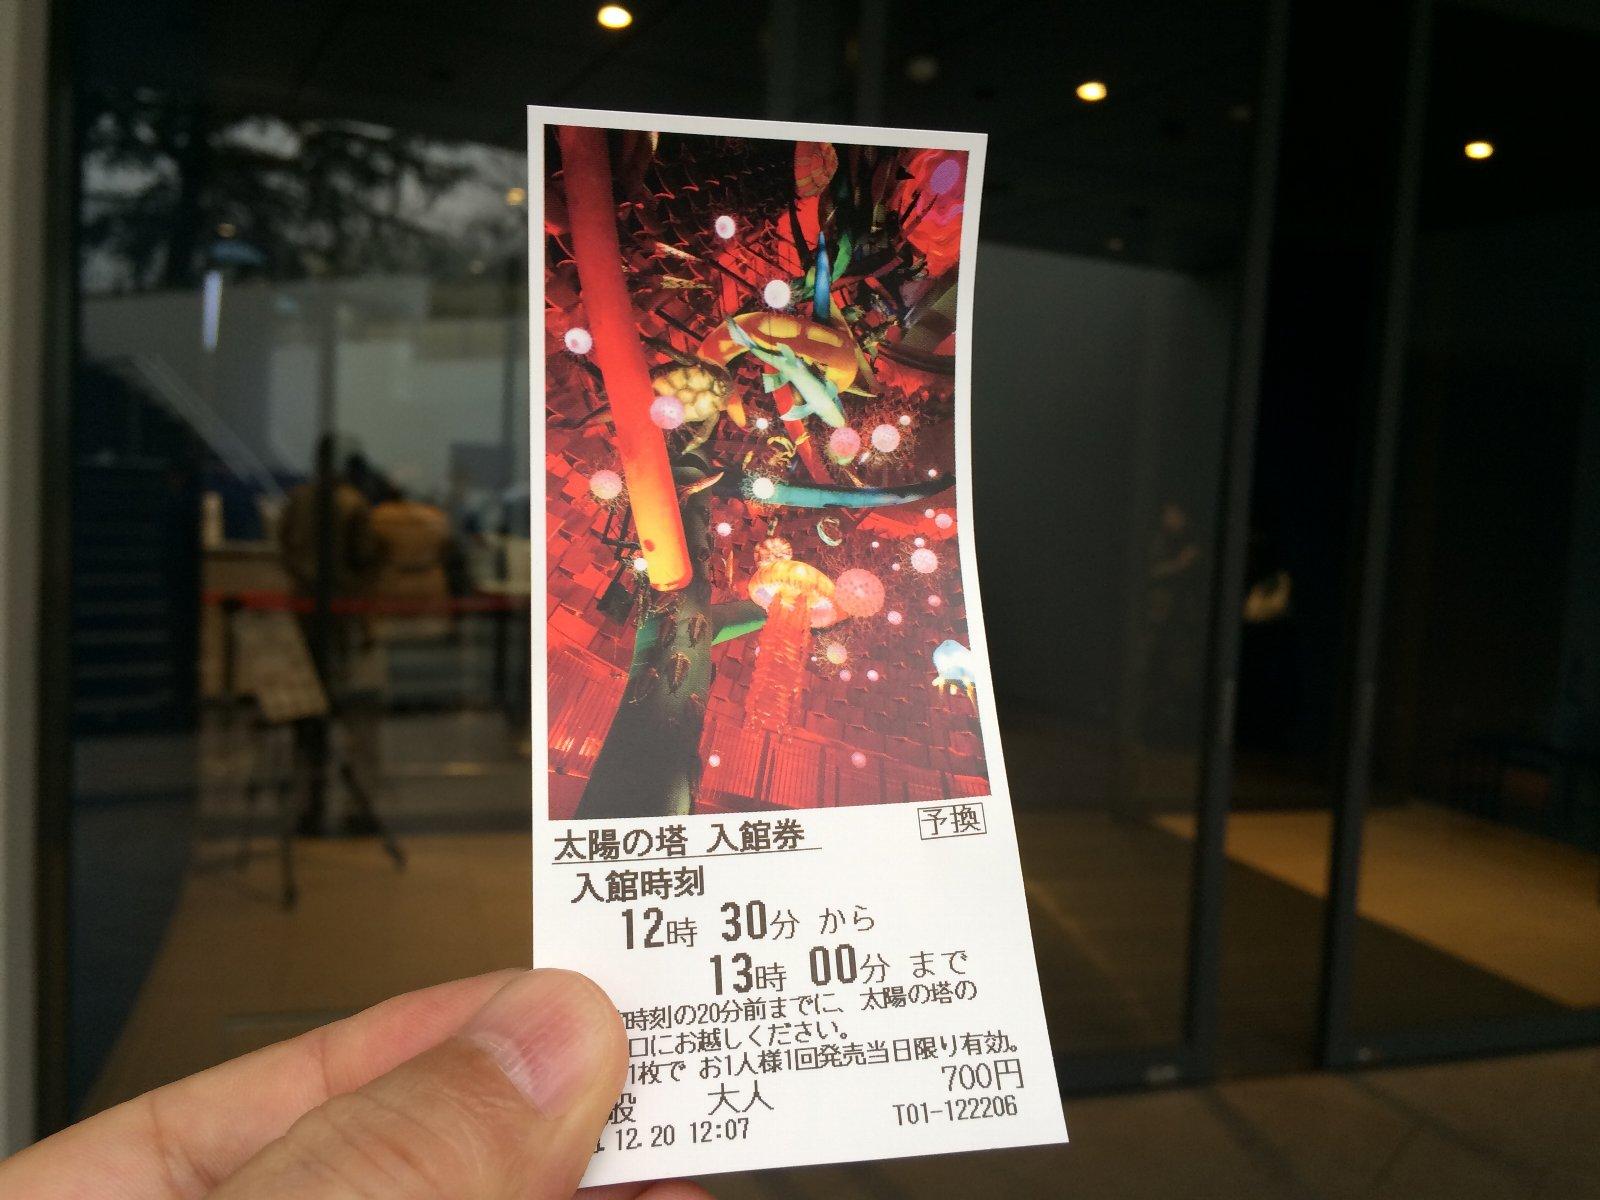 20181220_05 太陽の塔 チケット